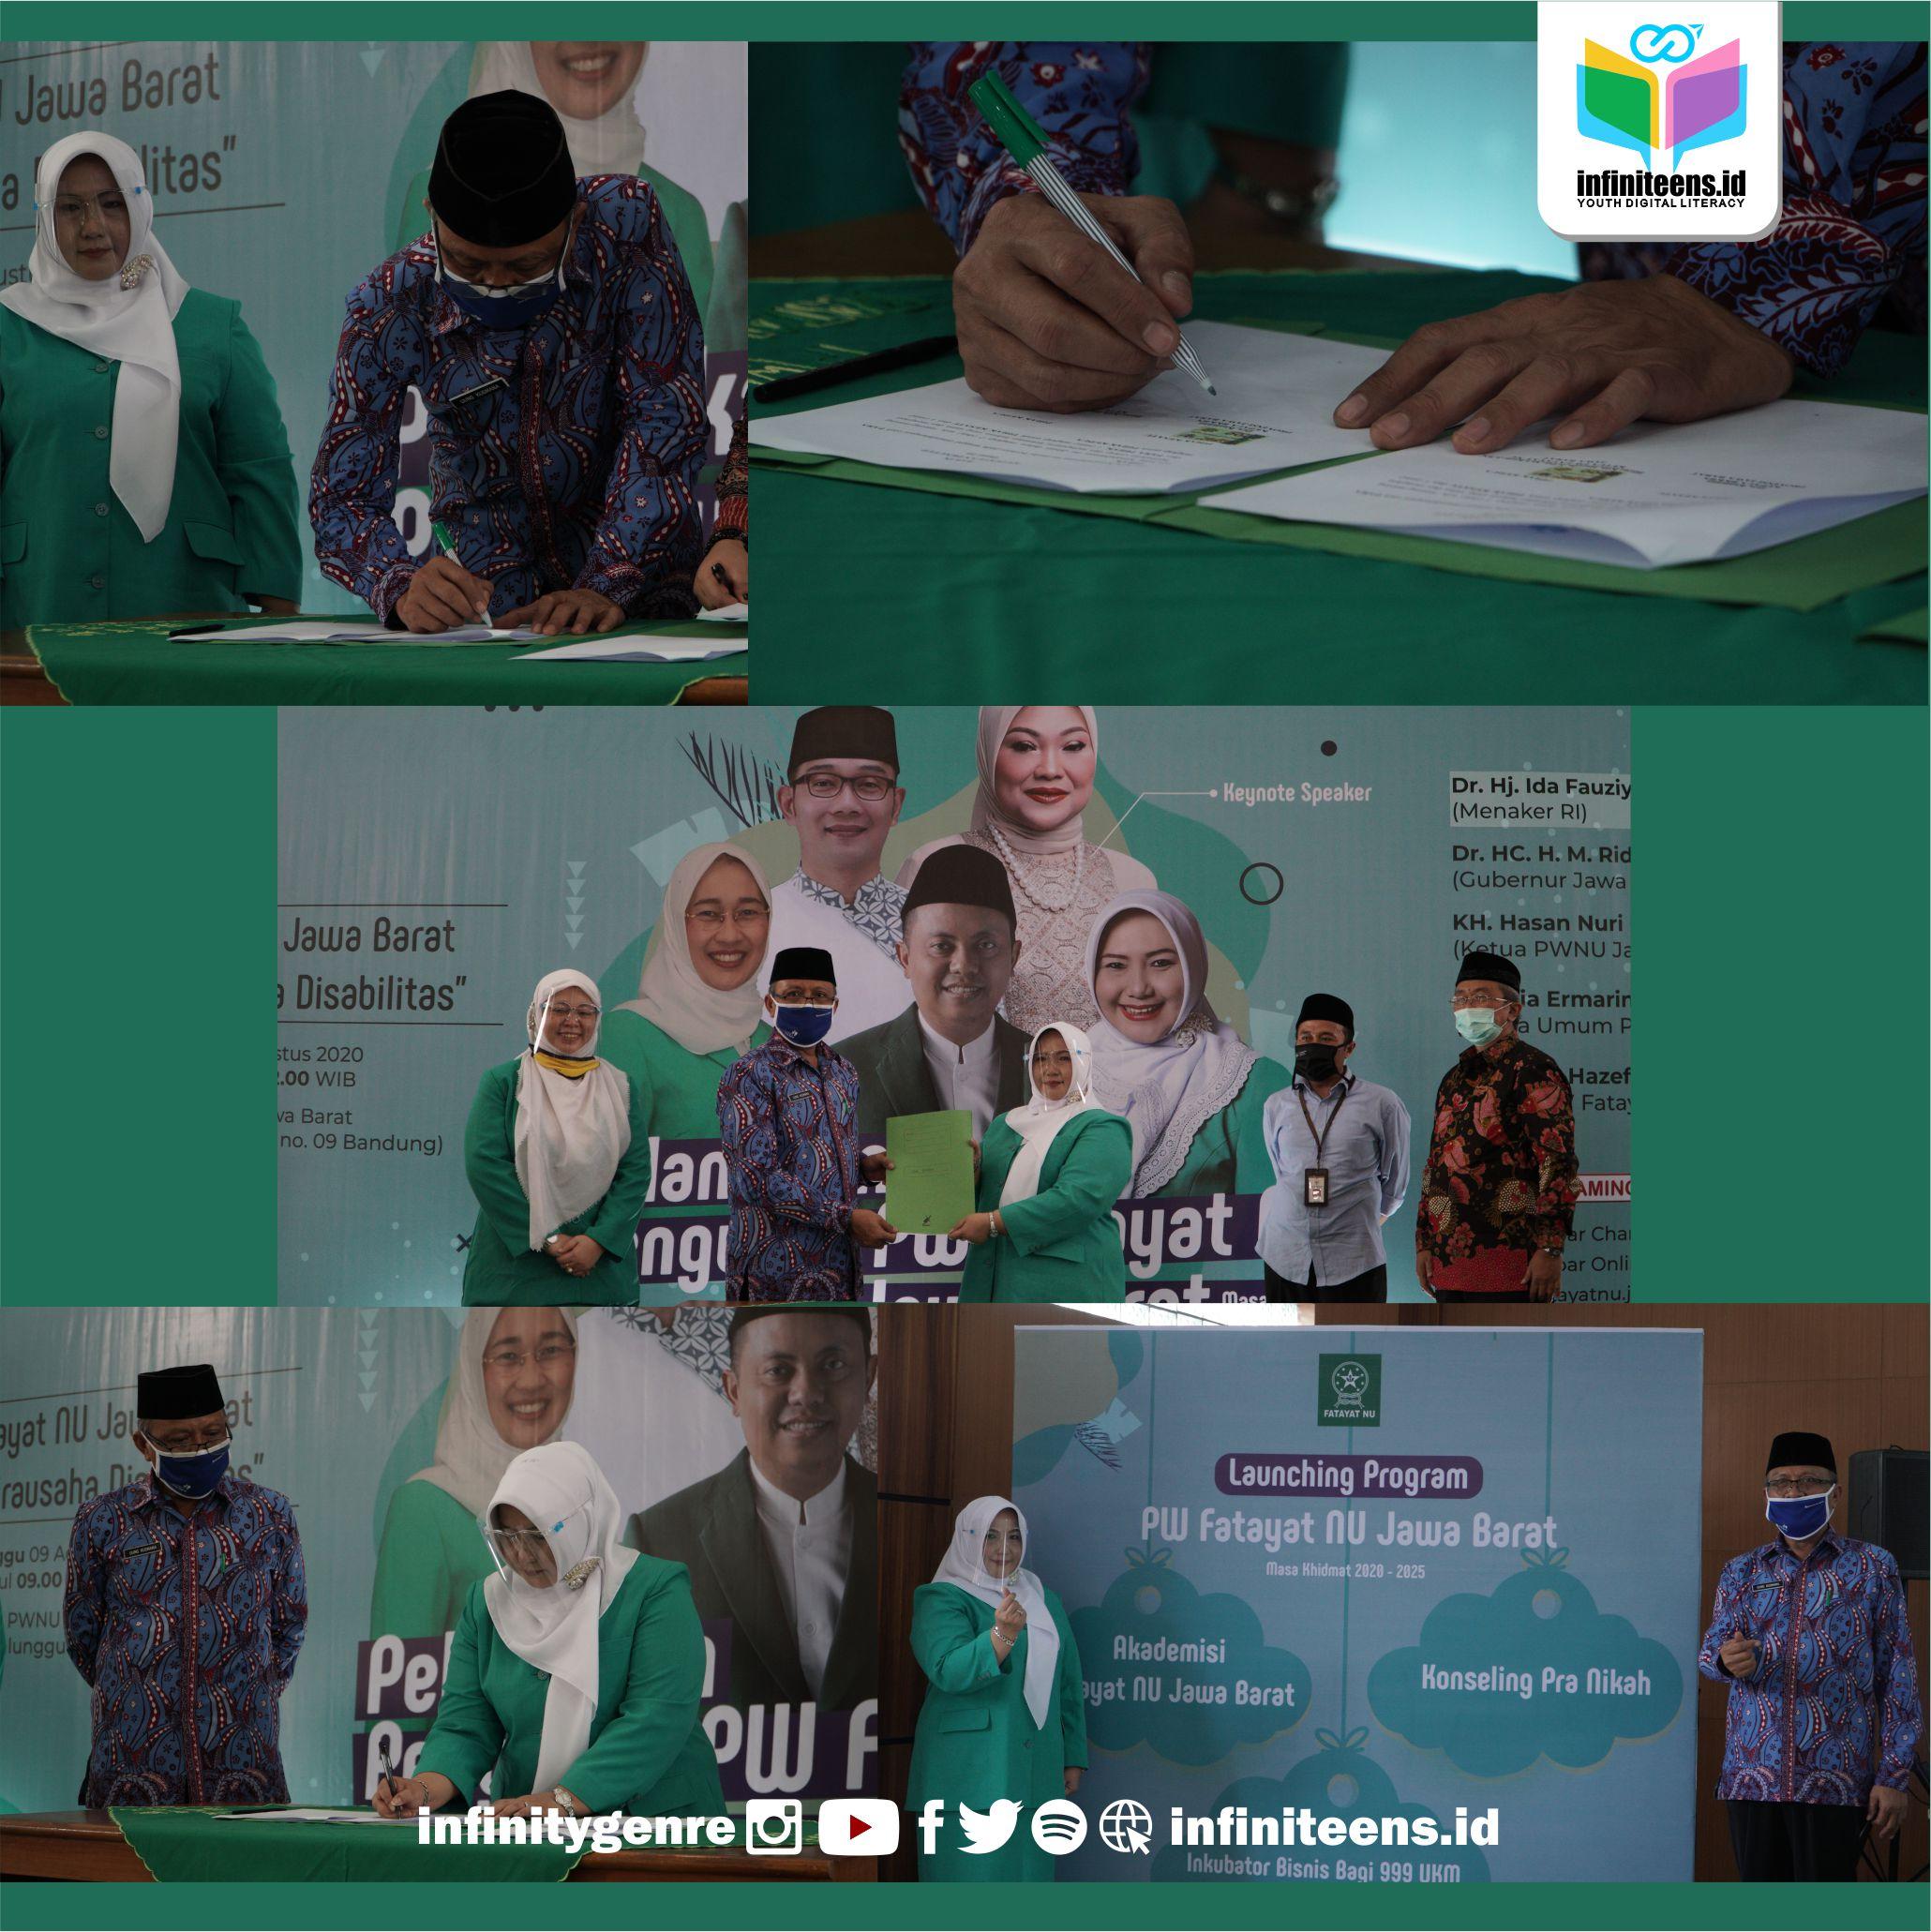 BKKBN Jabar kembangkan Sekolah Pra nikah Bersama Fatayat NU Jabar